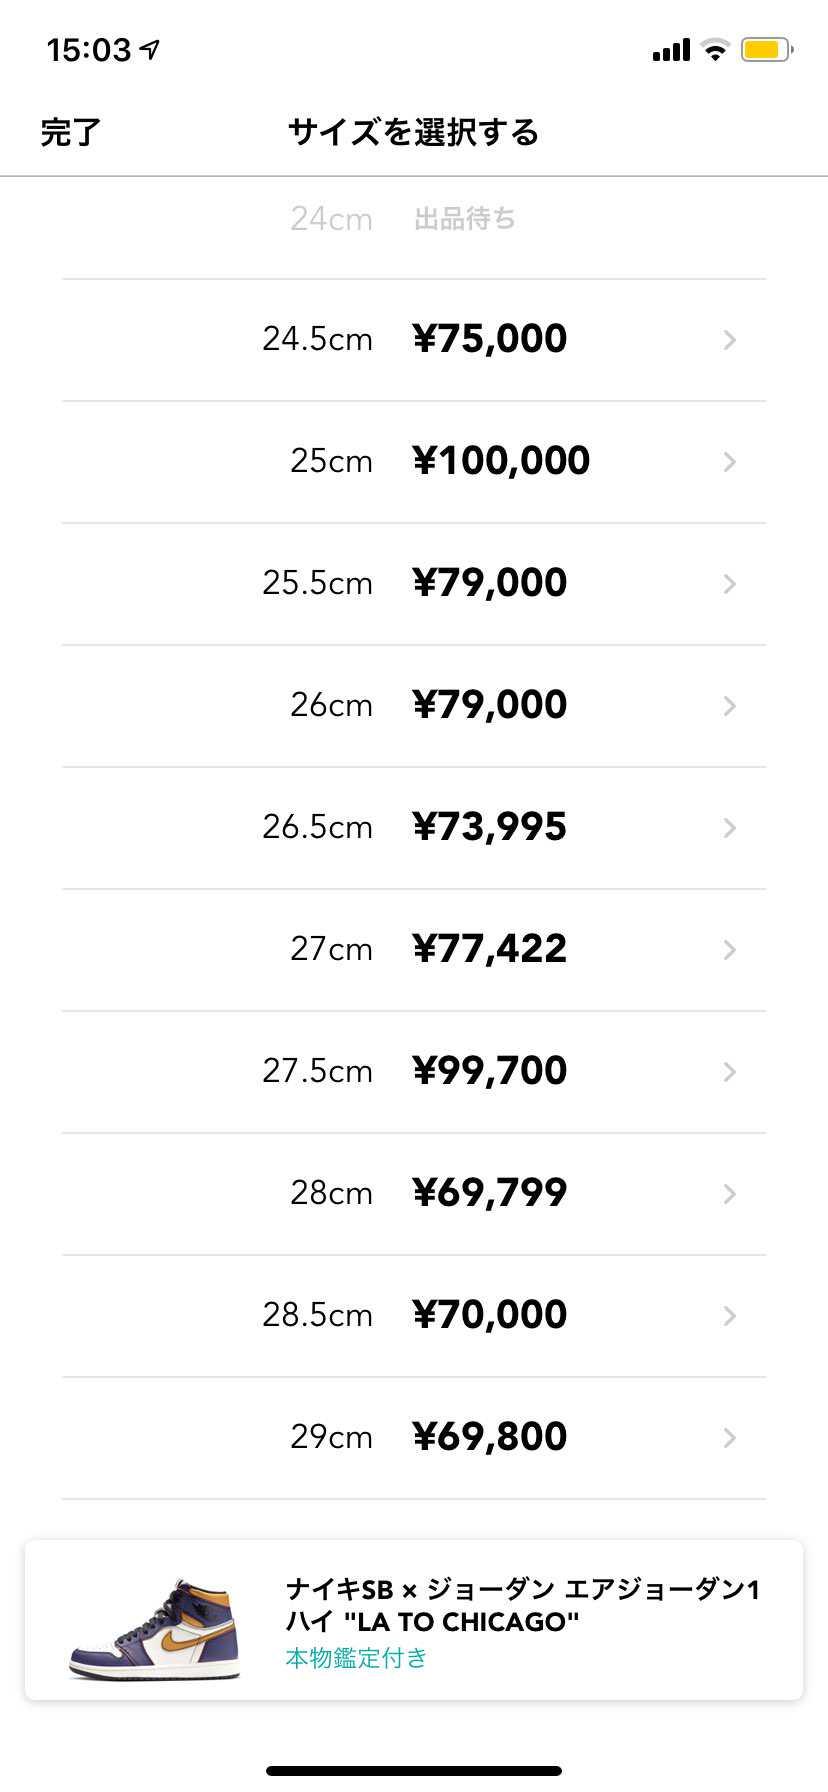 マイサイ7.5なんですが値段下がるの待つか28買うかどちらがいいですかね? 買